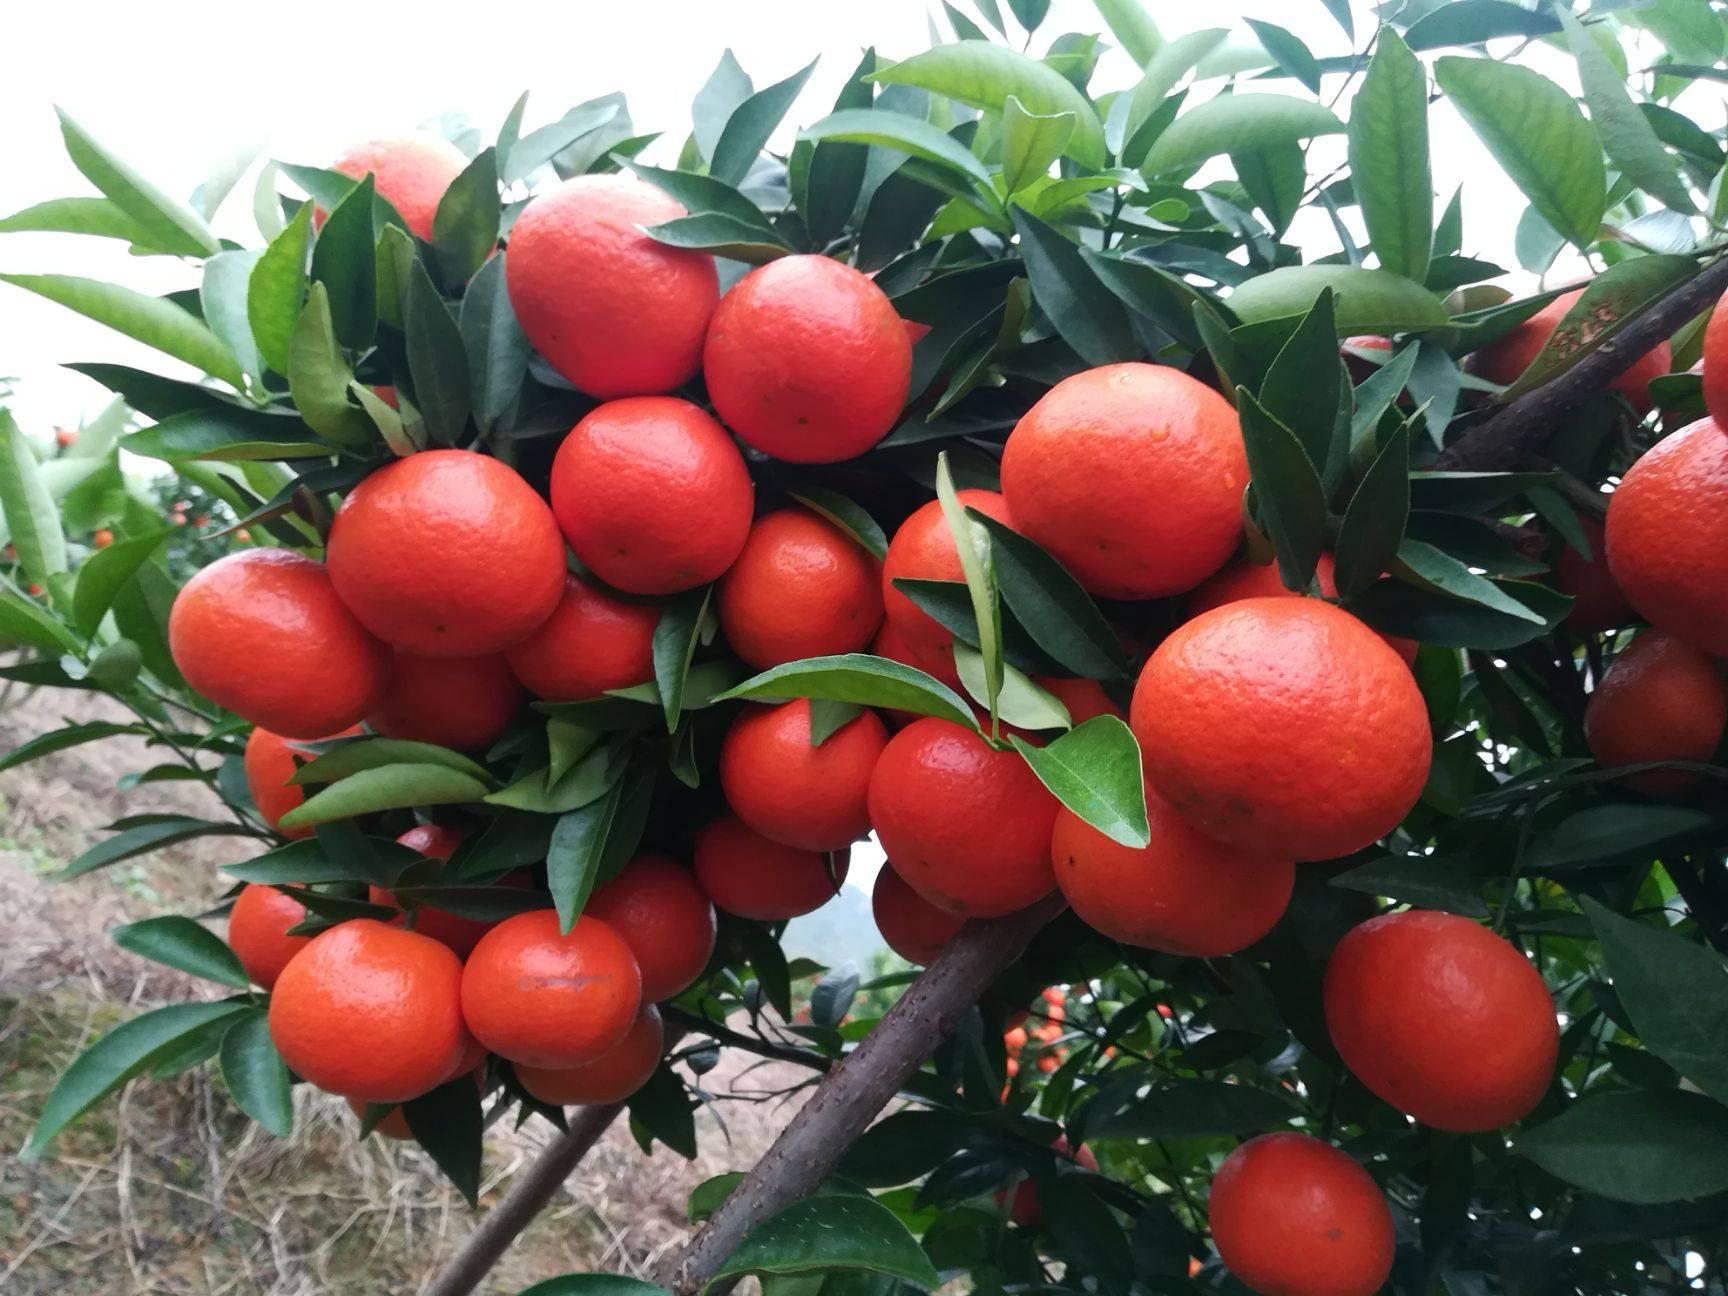 美國糖桔苗 根系發達,粗壯,可簽純度合同